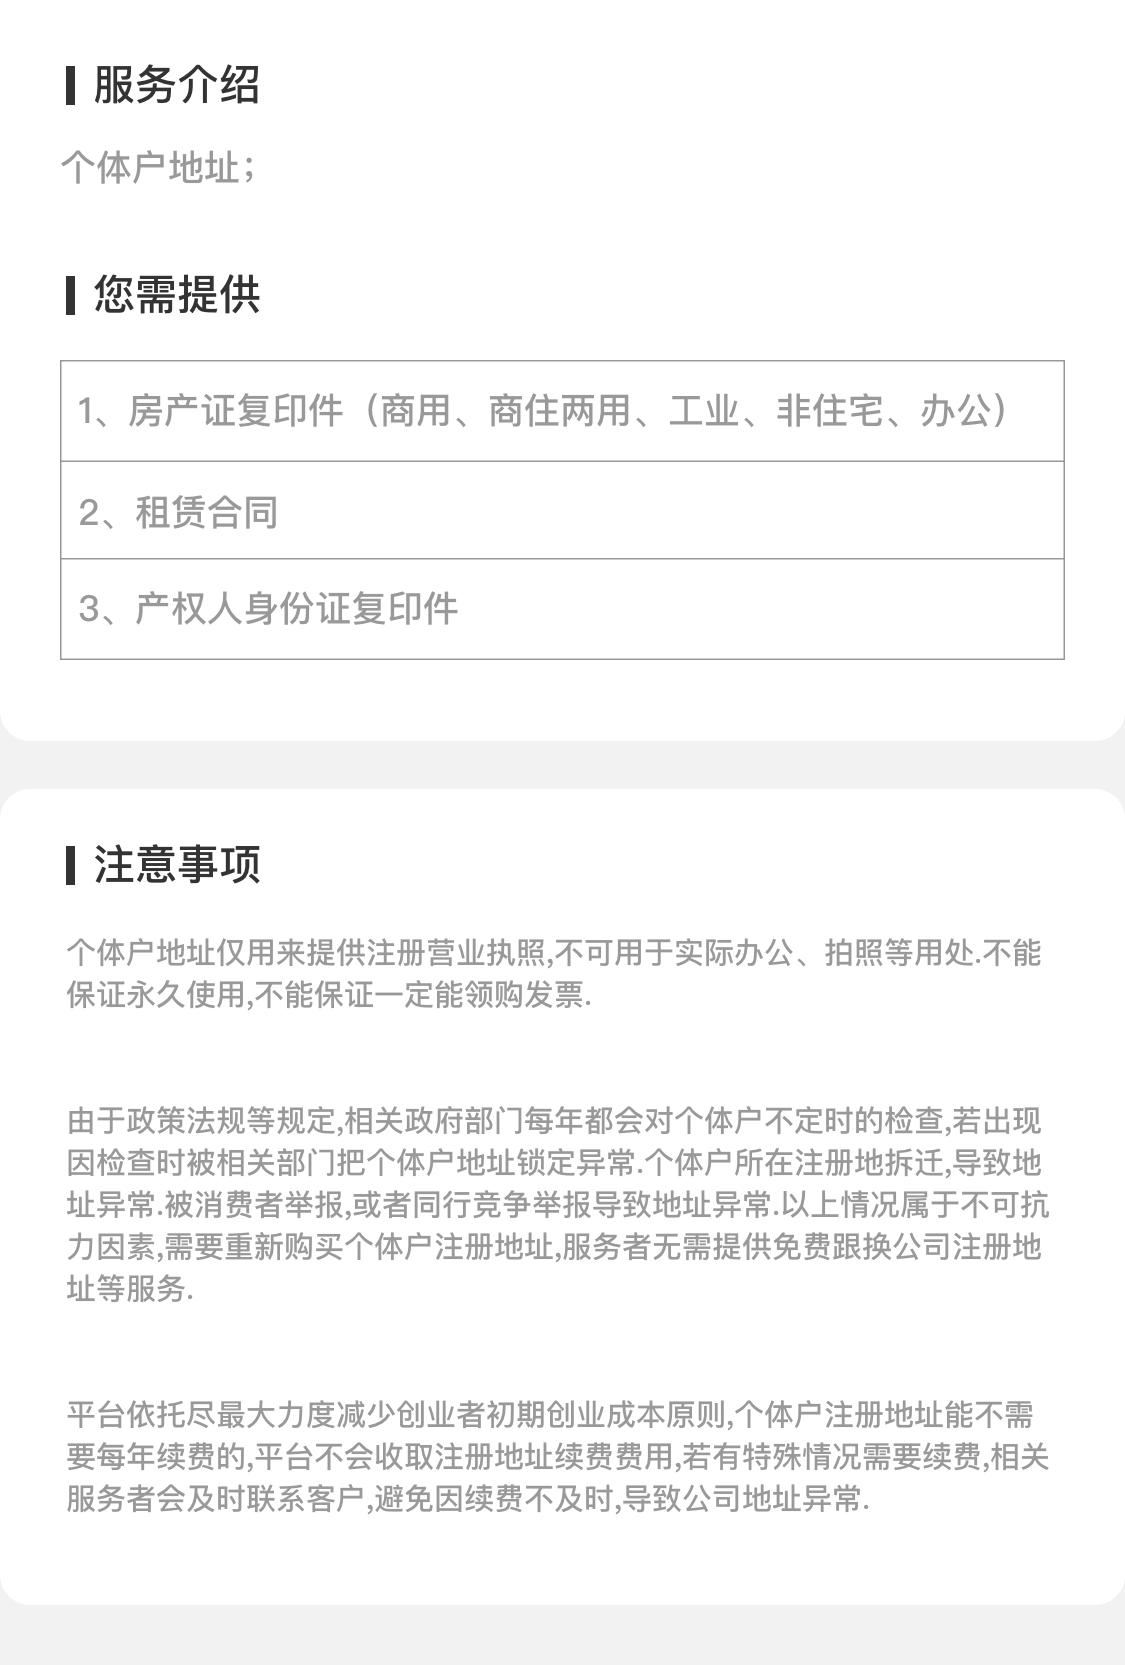 個體戶地址 copy.png